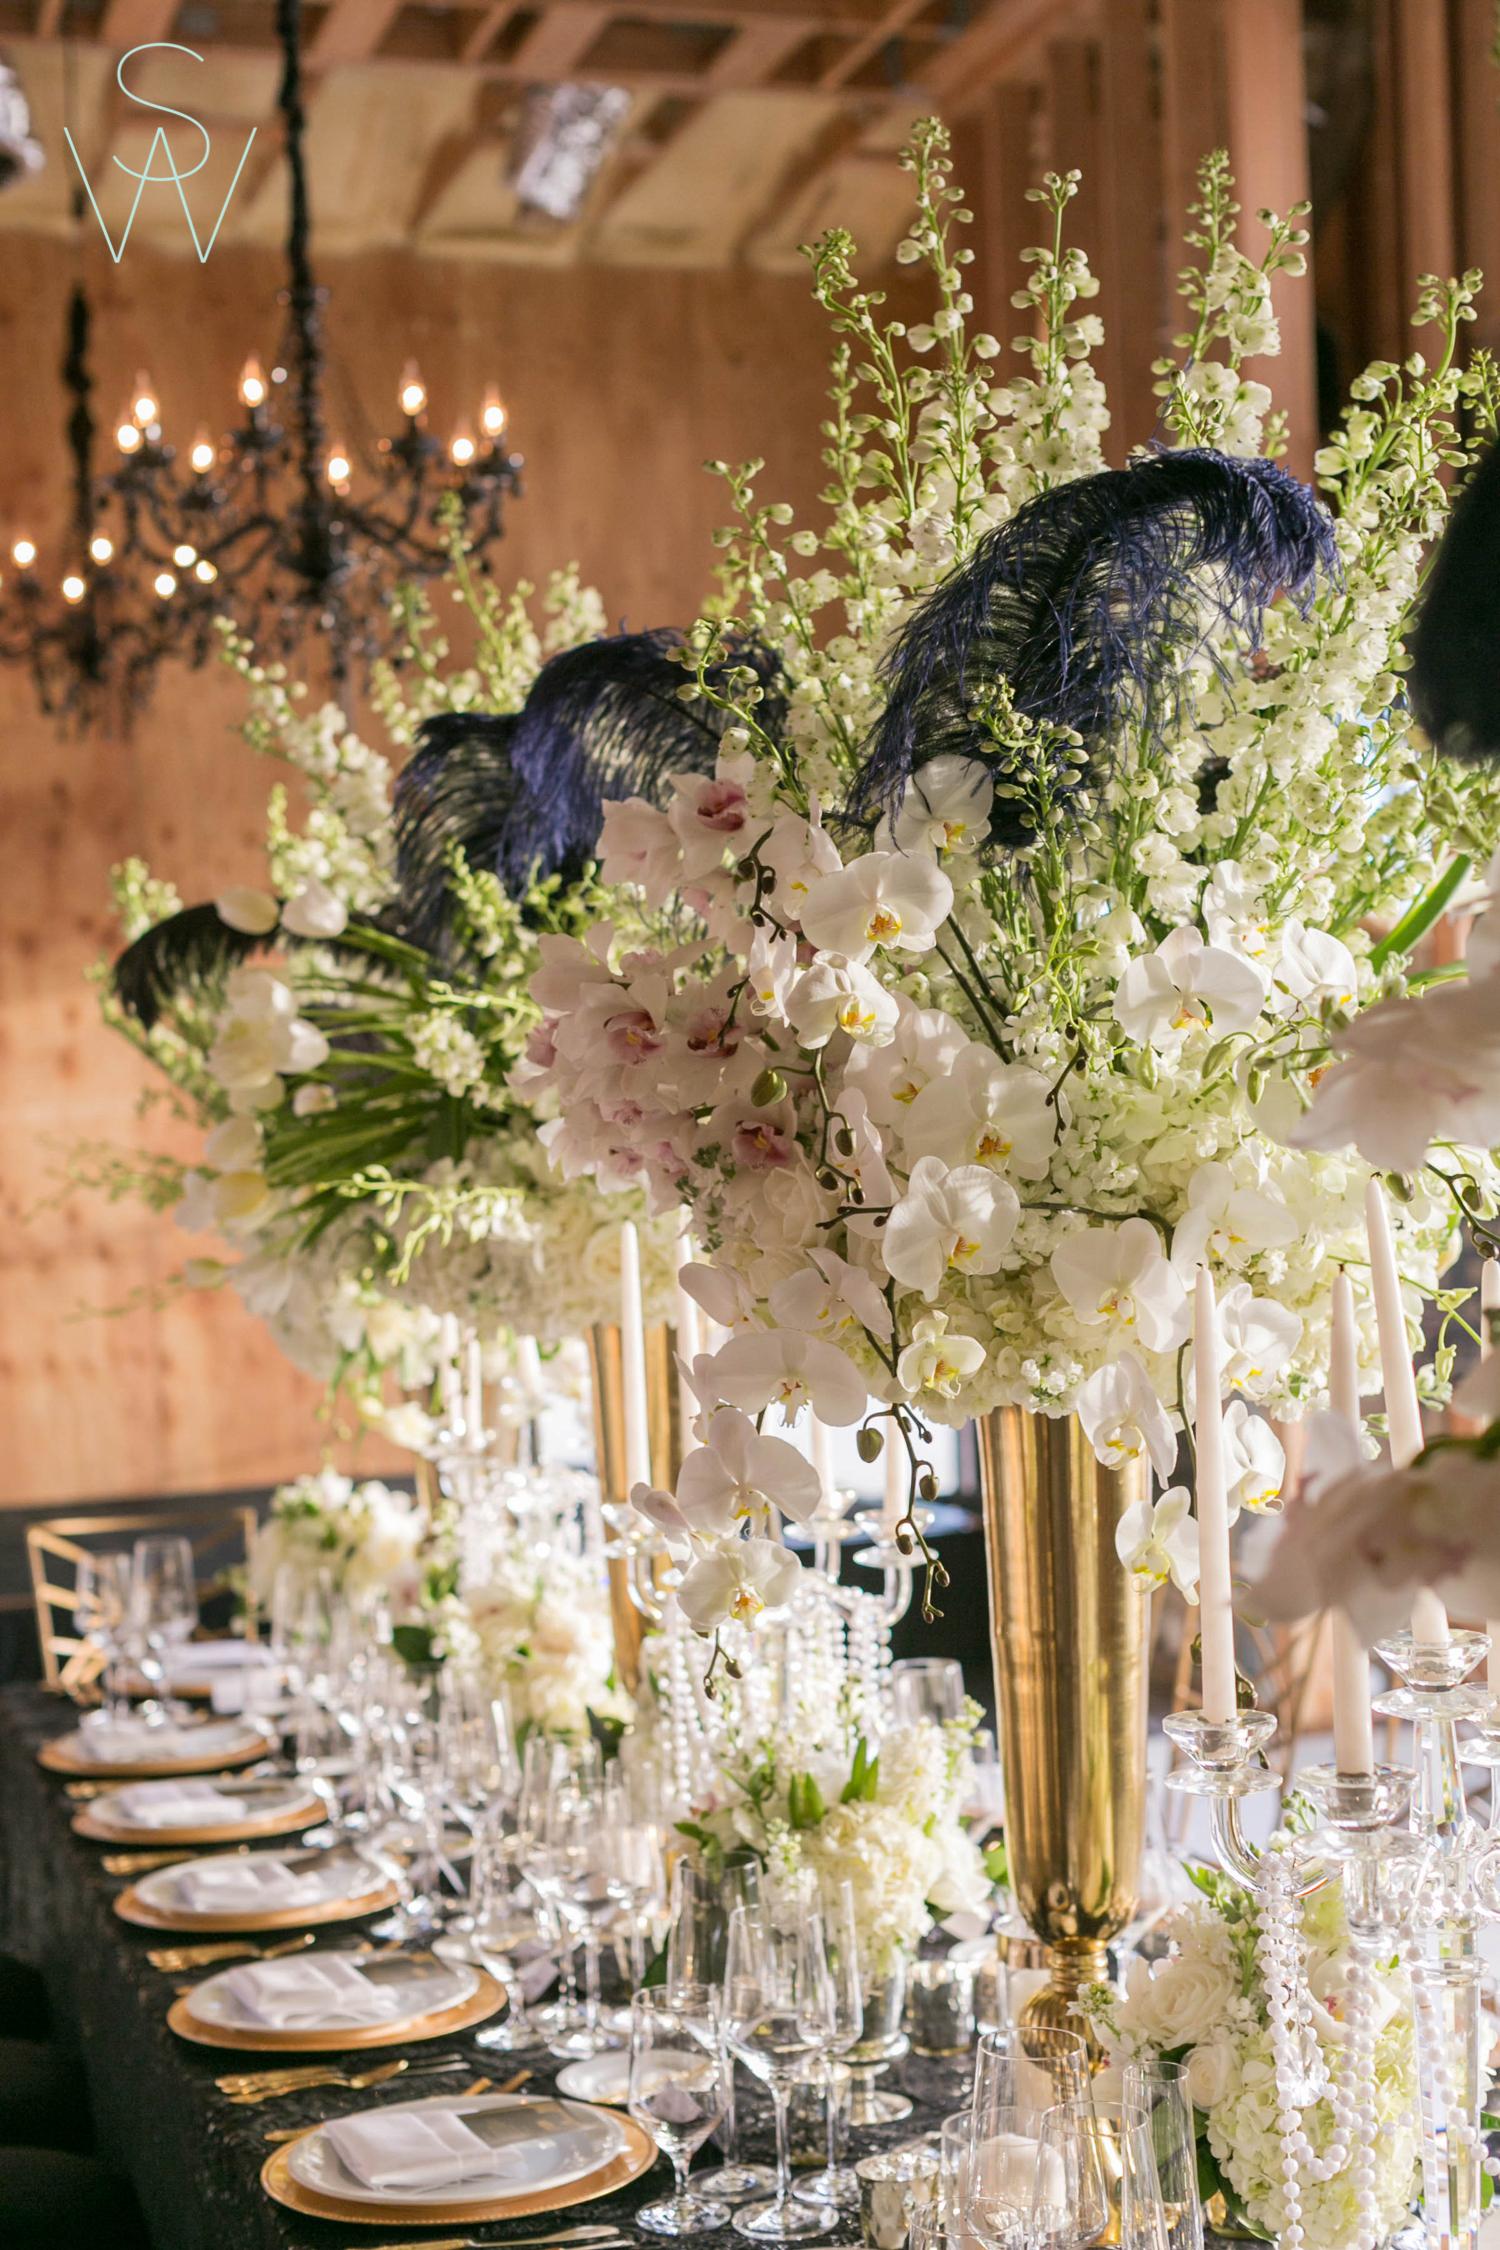 SanDiego.Wedding.Shewanders_1000.jpg.Shewanders_1000.jpg